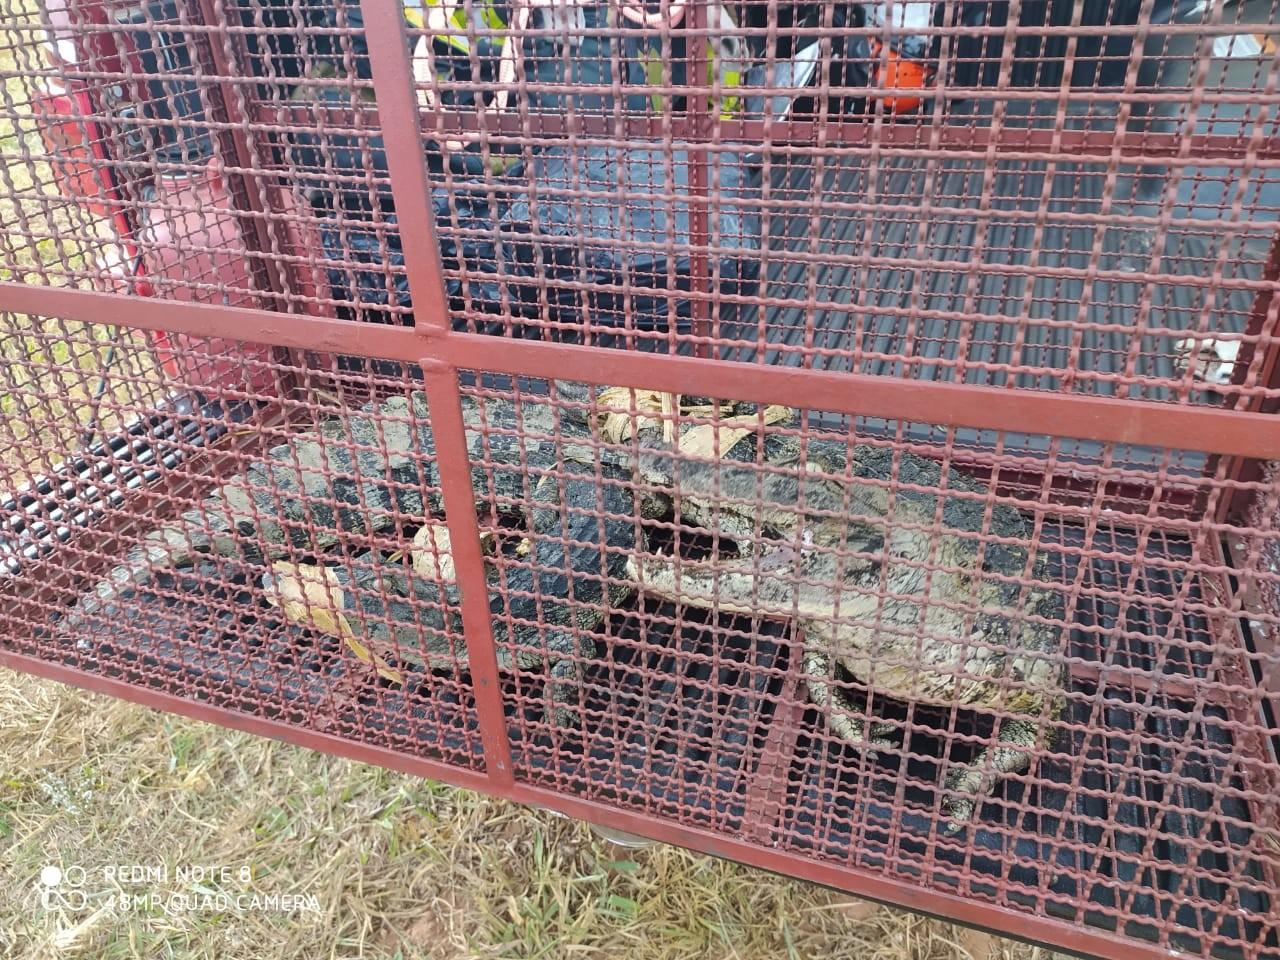 Bombeiros capturam fêmea e filhote de jacaré em lagoa de tratamento de esgoto no Balneário Laranja Doce; veja VÍDEO